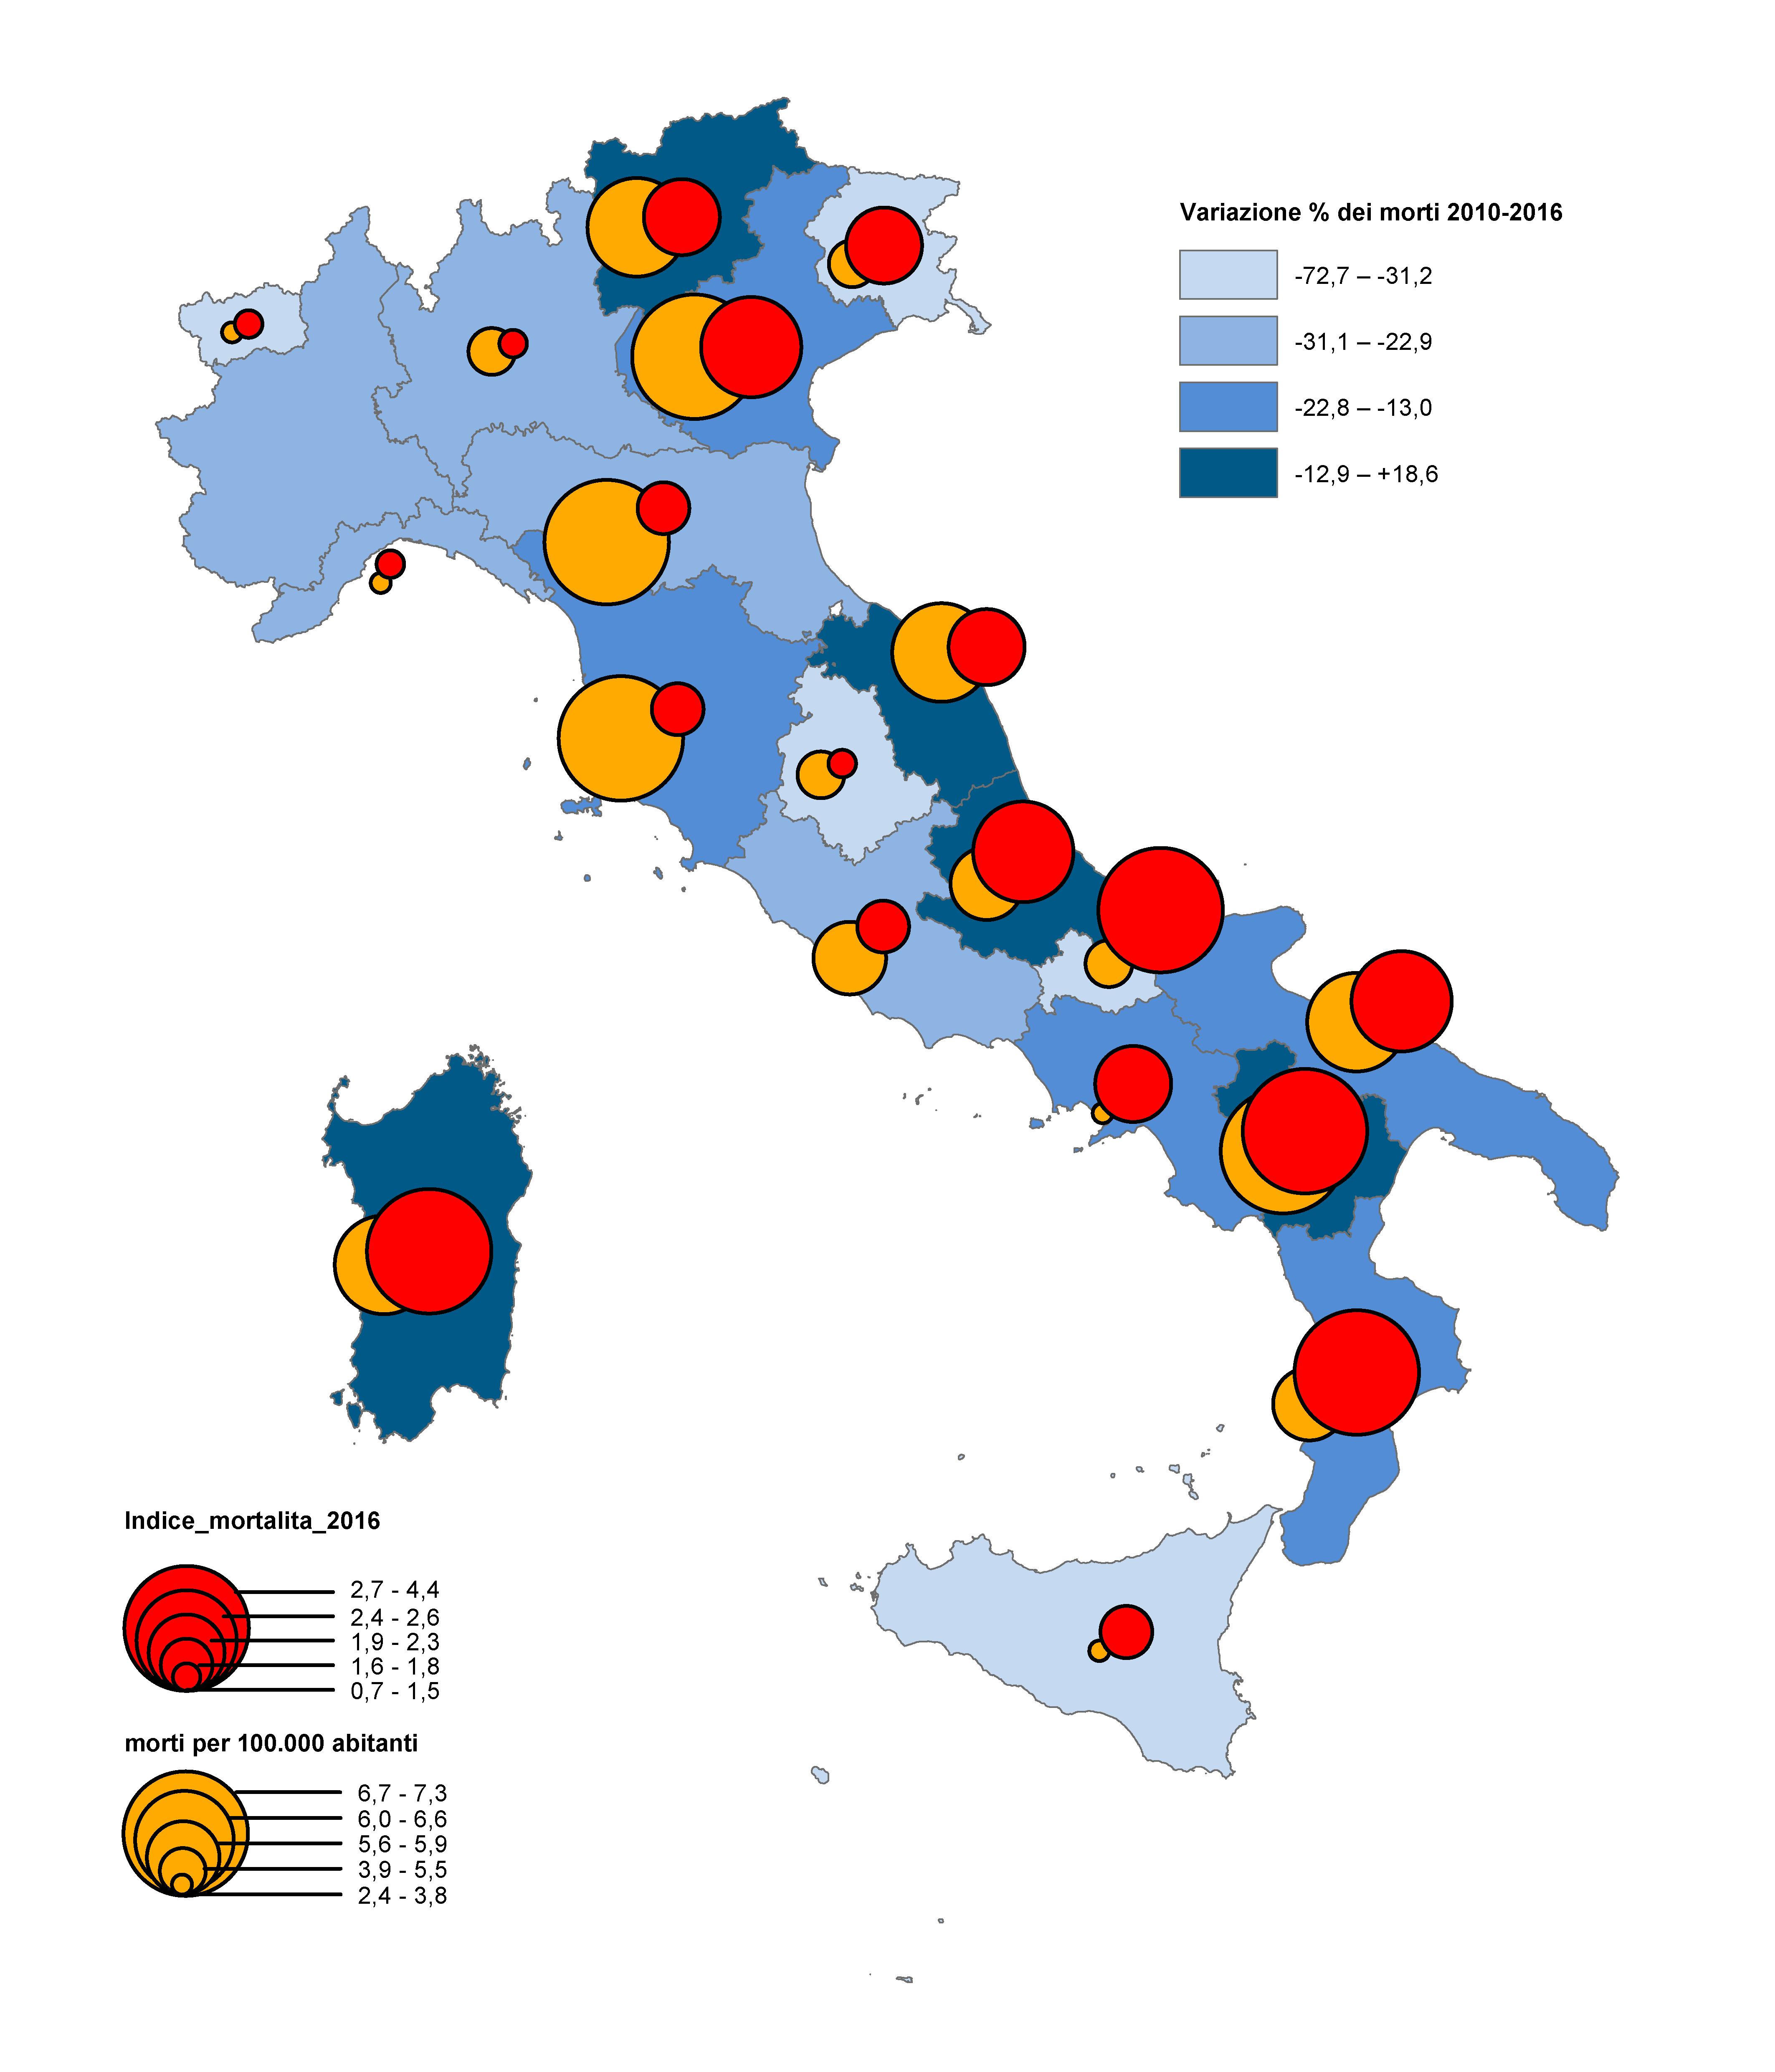 Stradali In Veneto Stradali Incidenti Veneto In In Incidenti Incidenti Incidenti Stradali Stradali Veneto sdtxQhrC